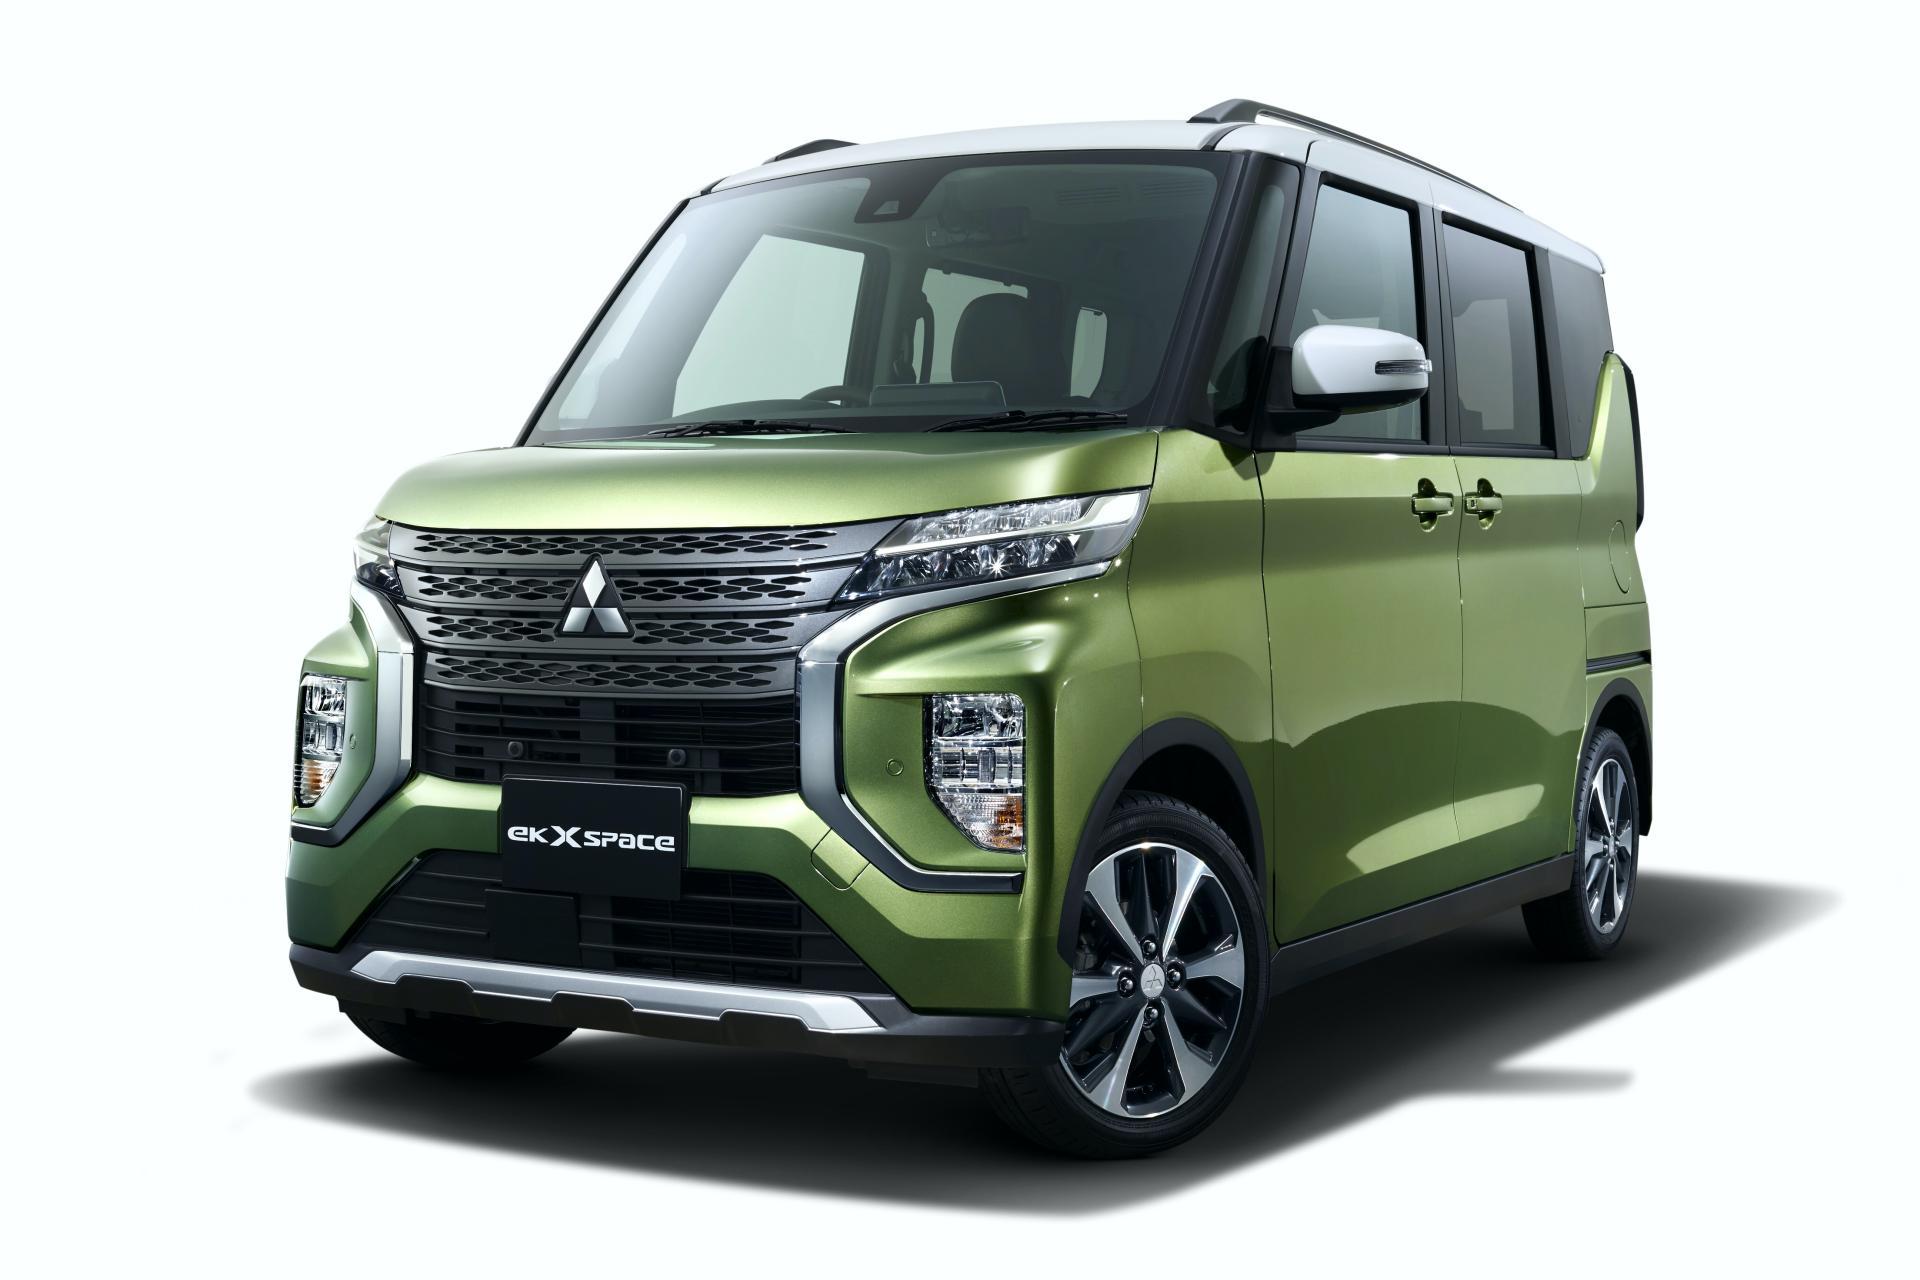 2020-Mitsubishi-eK-X-Space-2